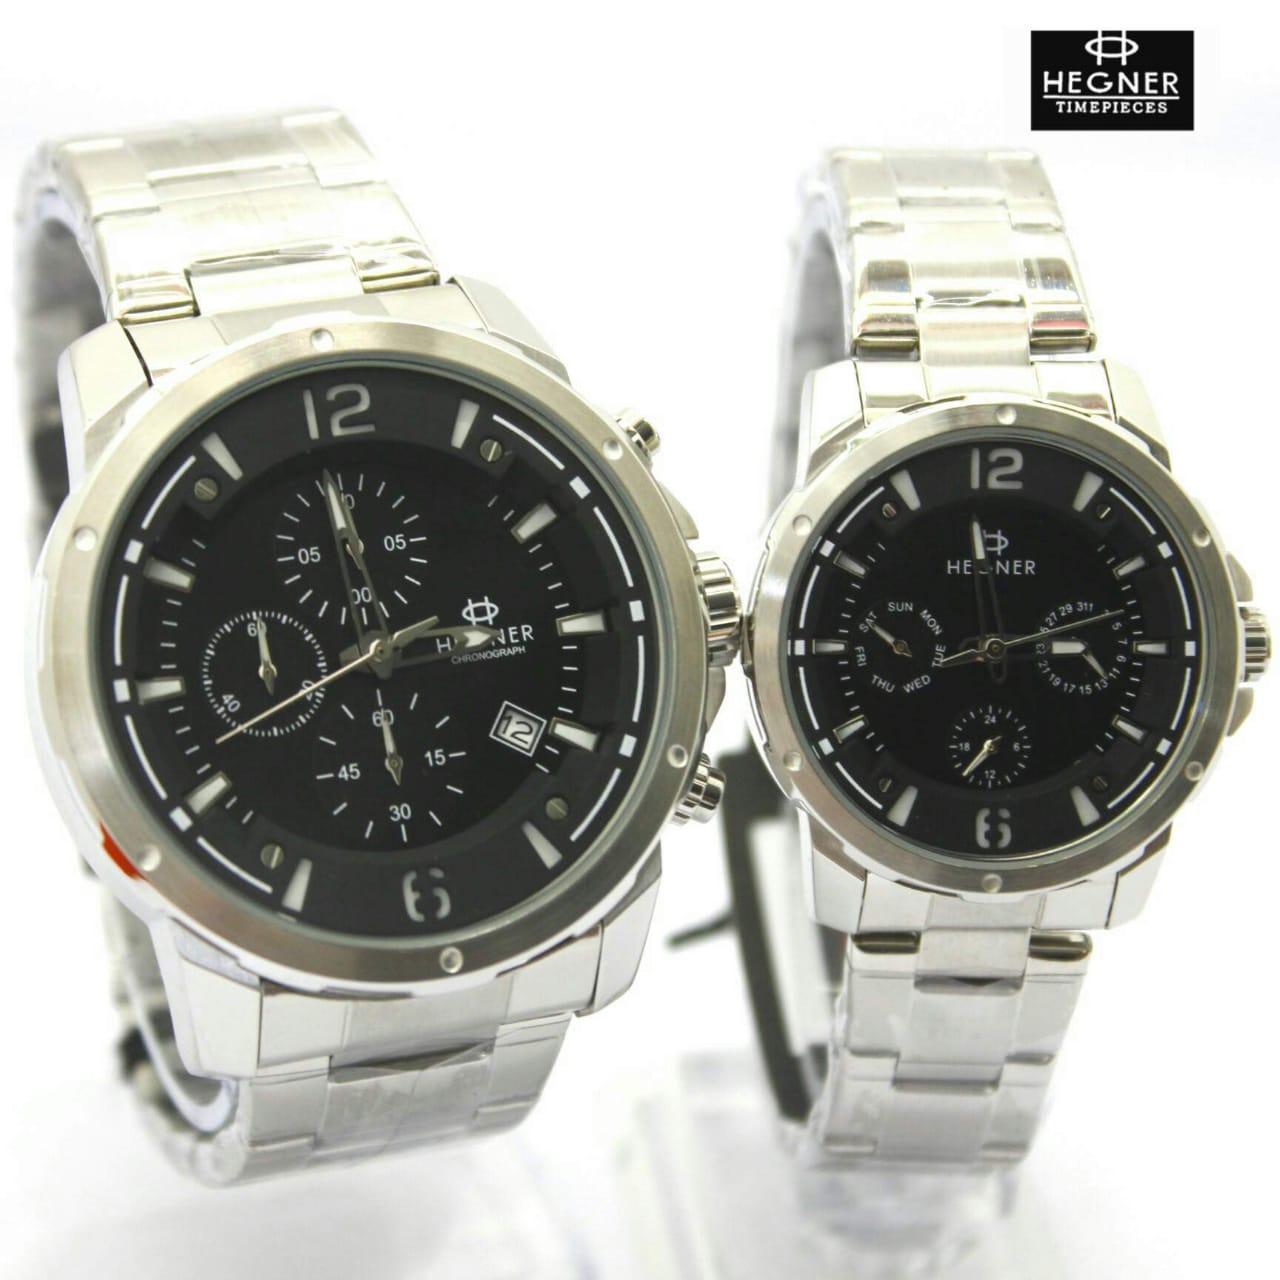 Jam tangan original couple hegner HW5035 - 4 pilihan warna - hargajam harga jam sepasang cowok cewek ori anti air water resist proof